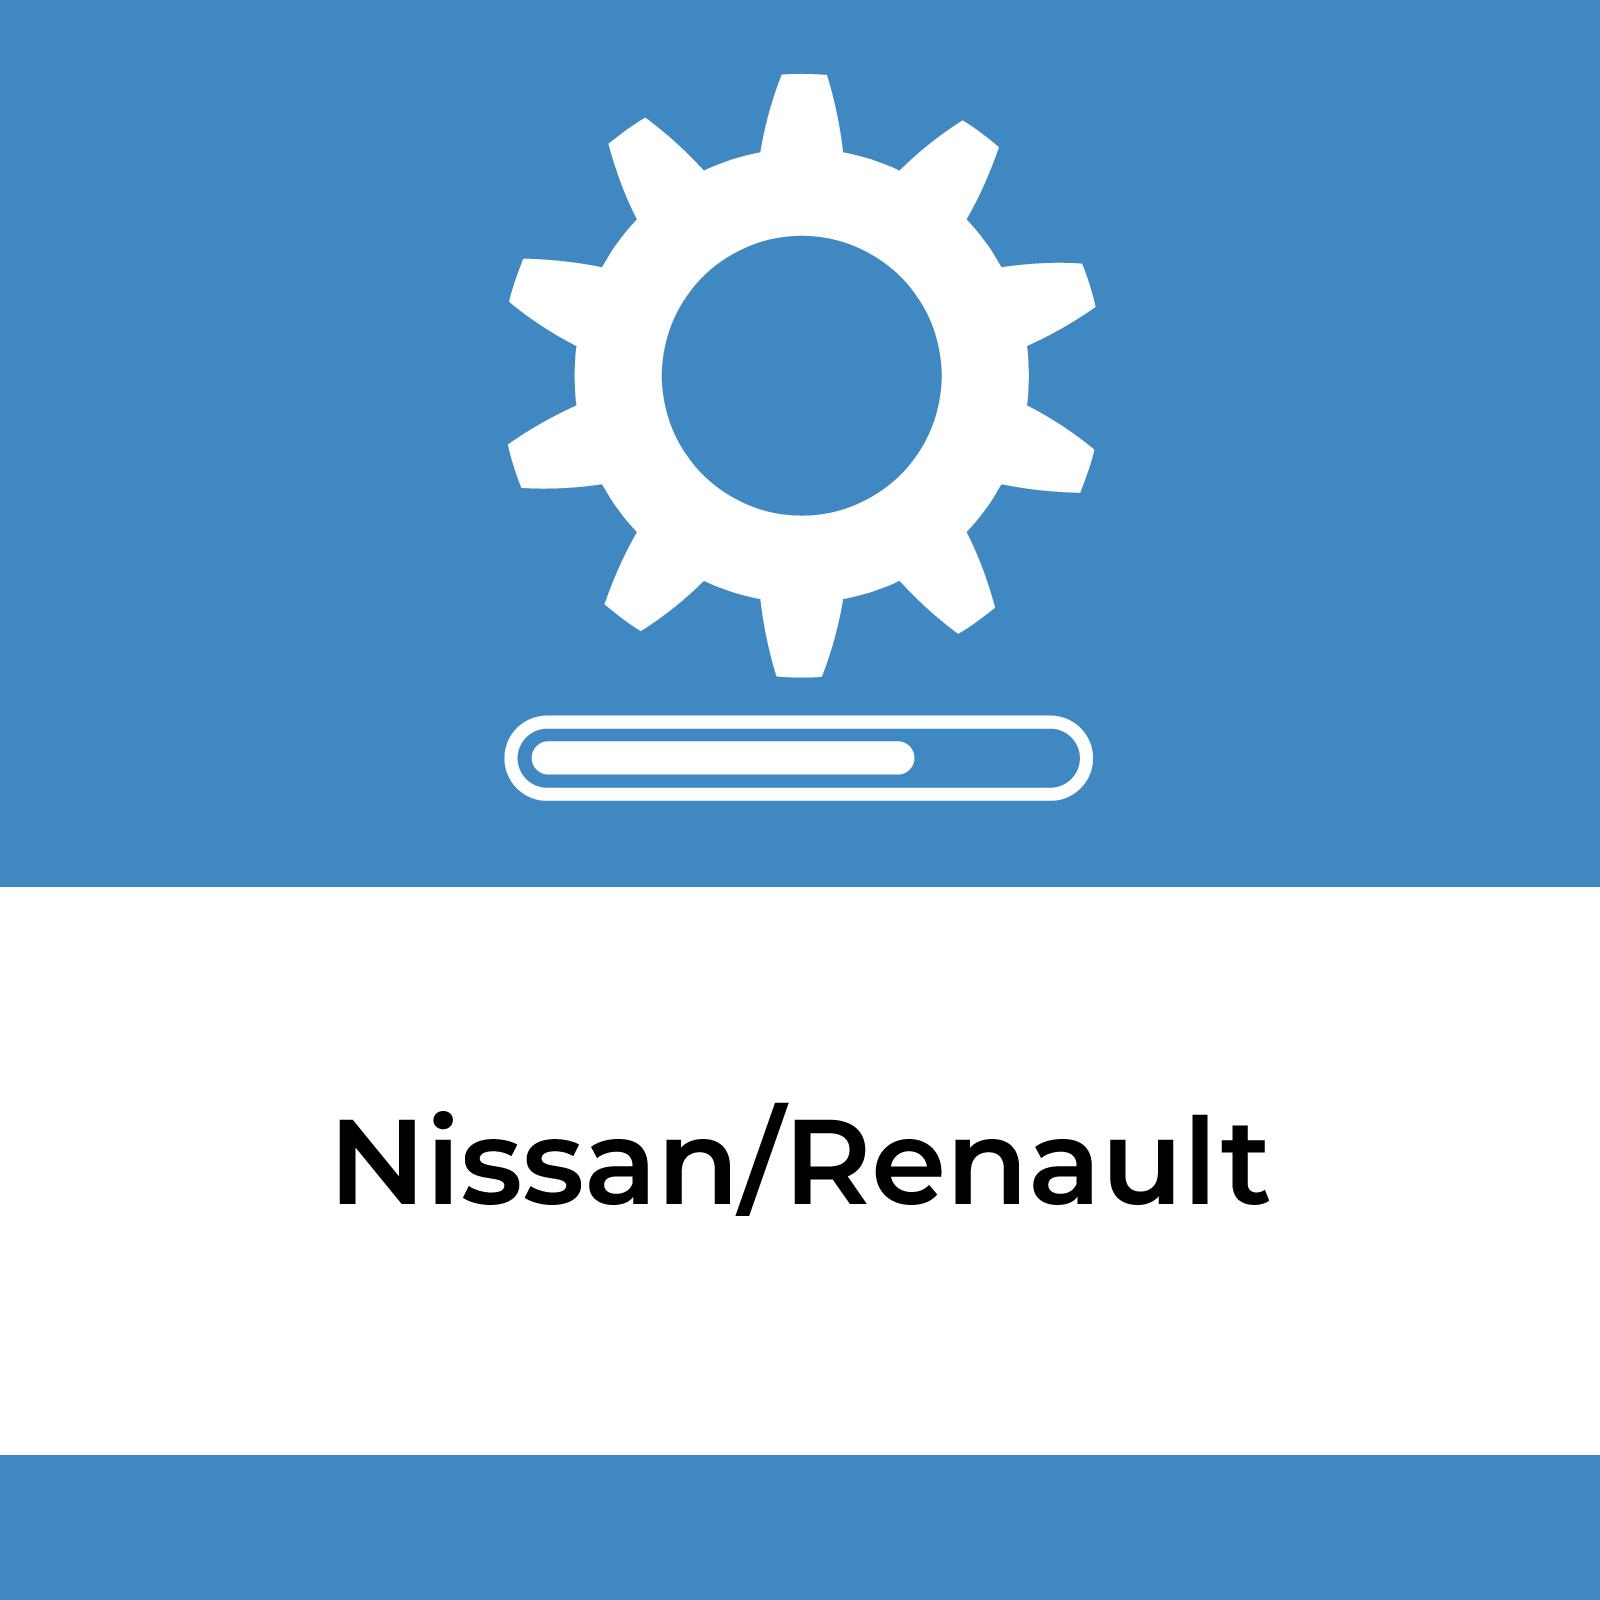 Software Loading Service - Nissan/Renault